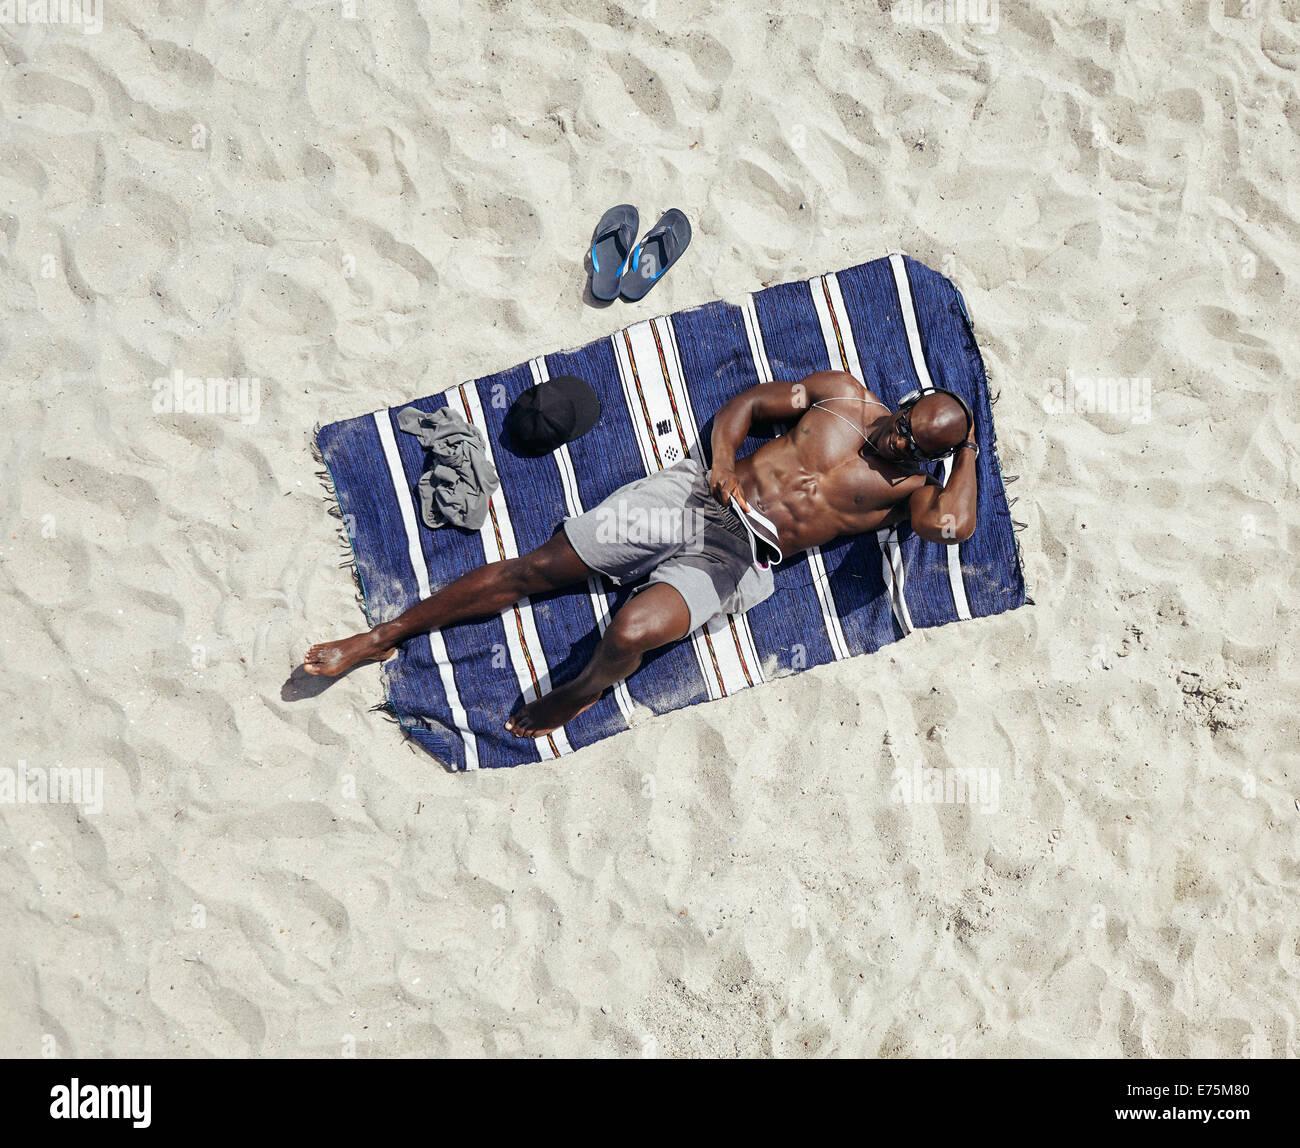 Vue de dessus du jeune homme allongé torse nu sur un tapis la lecture d'un magazine. Modèle masculin Photo Stock